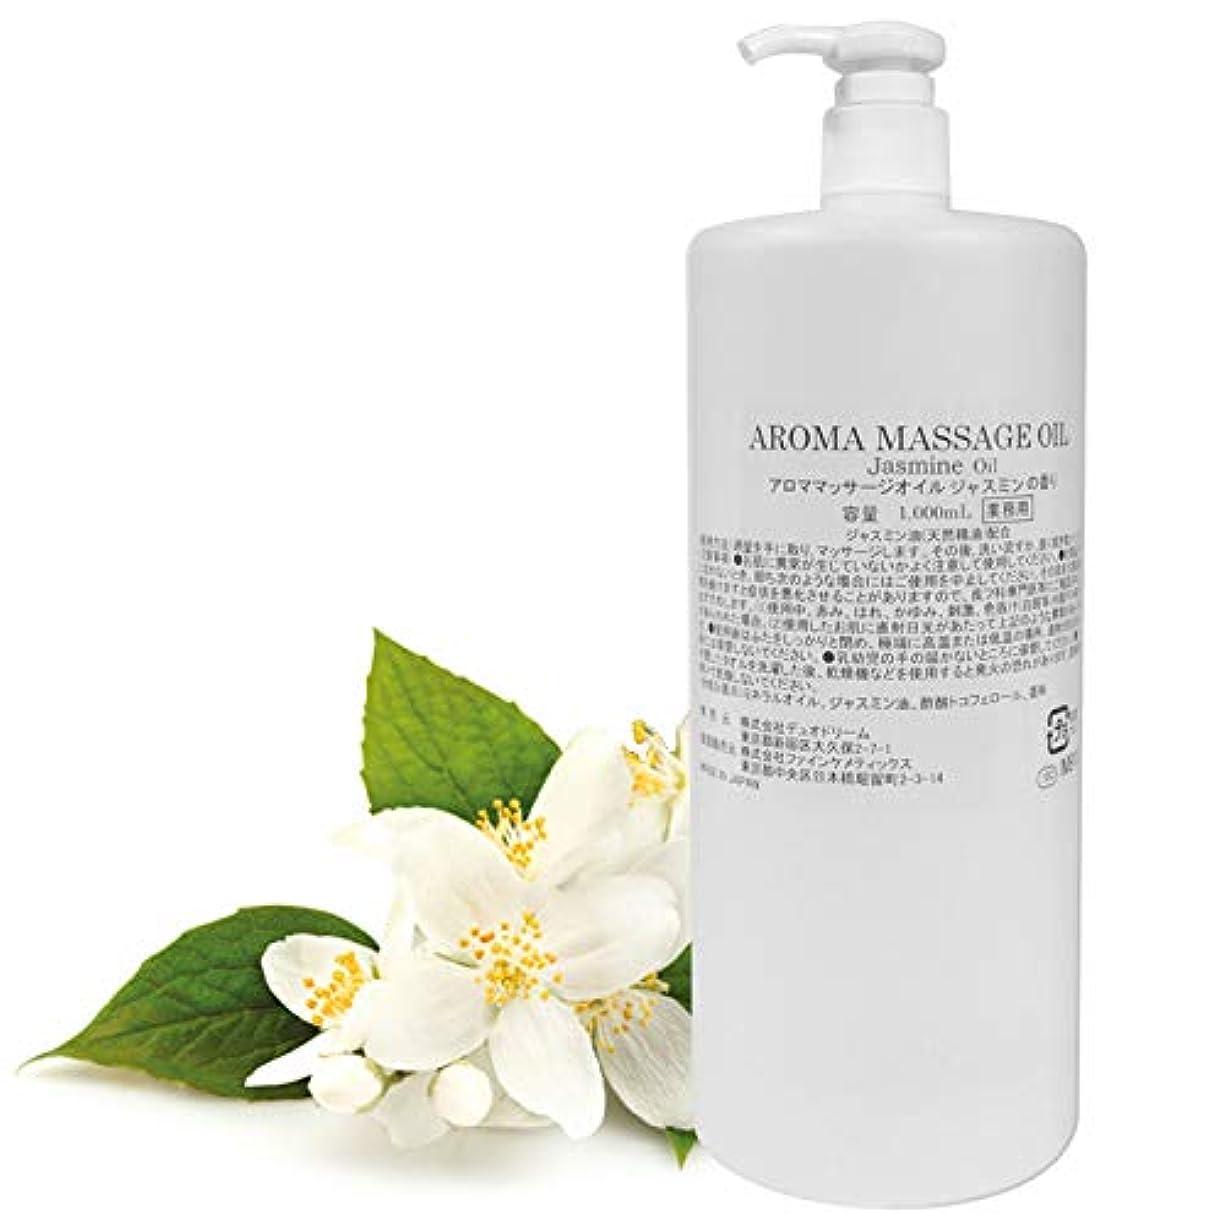 落ち着くインシュレータバーゲンNEW 日本製 アロママッサージオイル ジャスミン 1000mL 業務用 ★ジャスミン油 天然精油配合 エキゾチックなジャスミンの香り さっぱりタイプ ジャスミンオイル